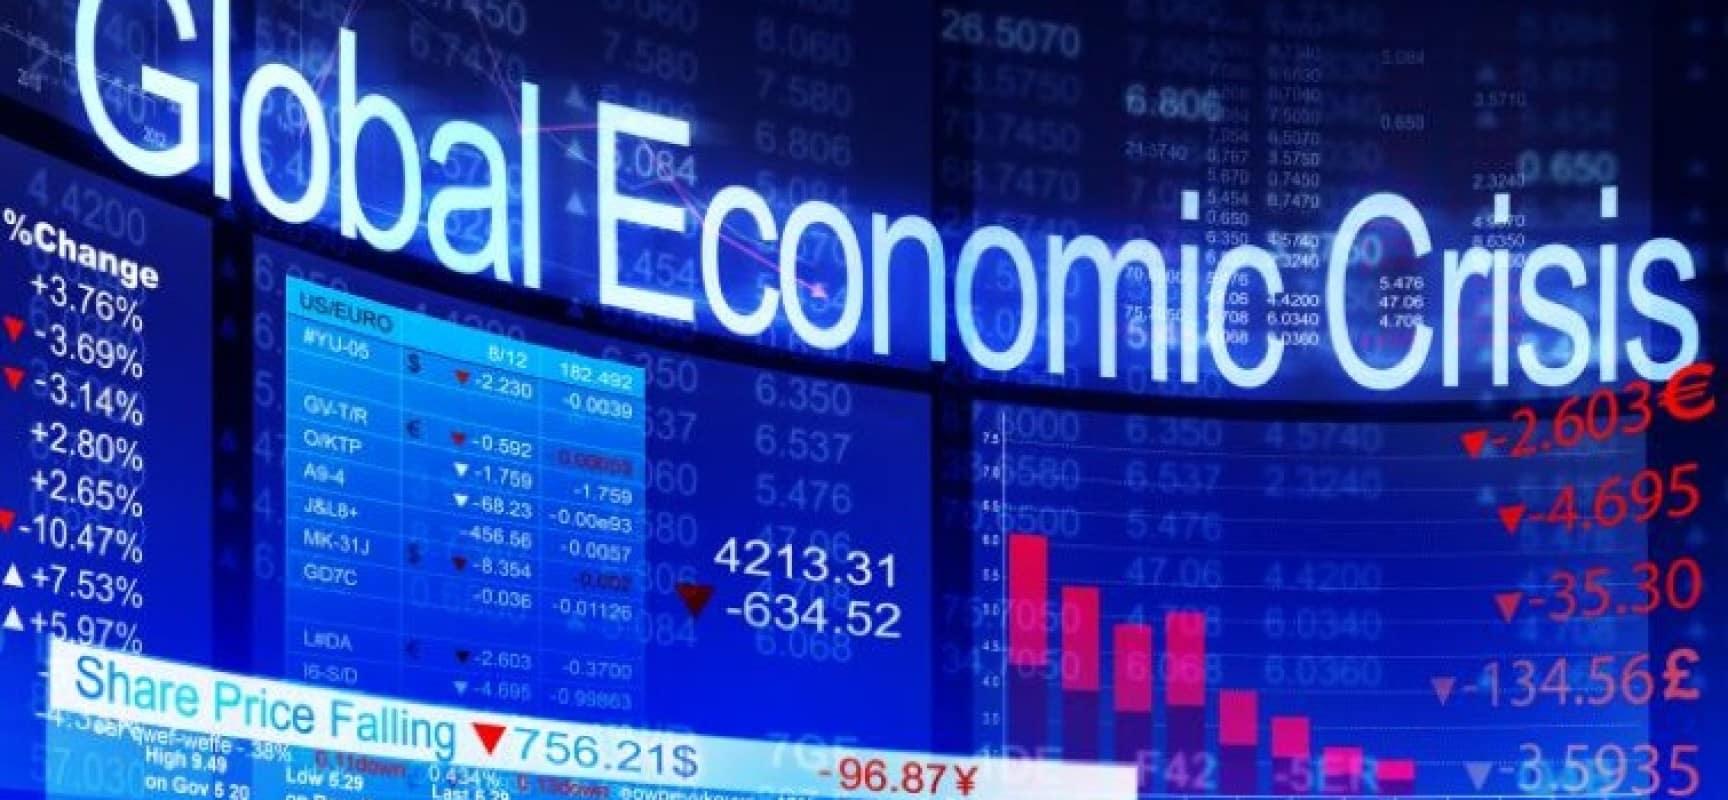 global_economic_crisis كل الطرق تؤدي إلى انهيار أسواق المال إلا إذا حصلت معجزة!